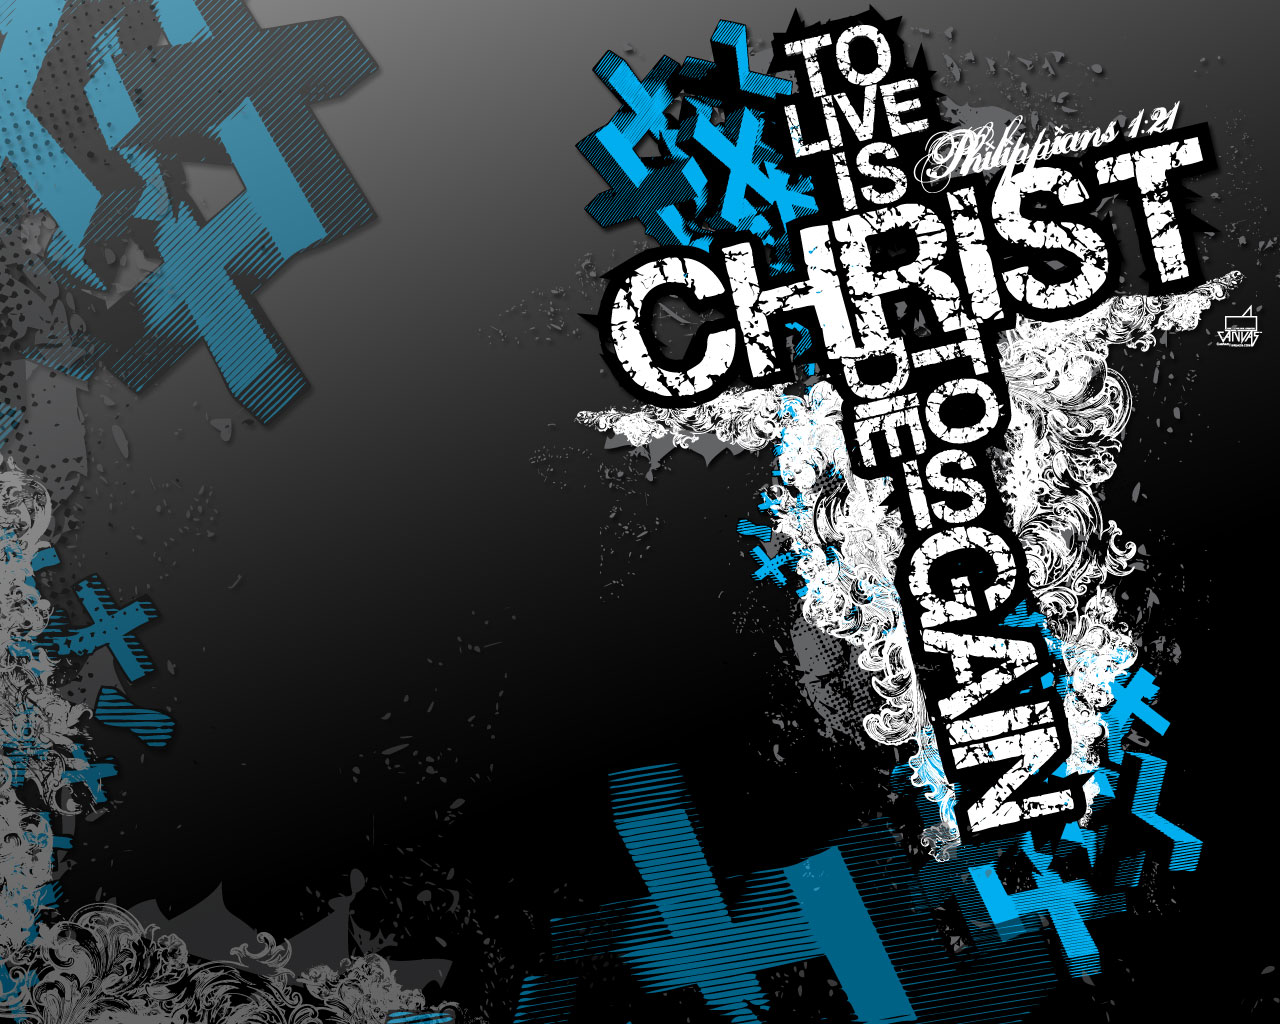 Christian Backgrounds wallpaper wallpaper hd background desktop 1280x1024